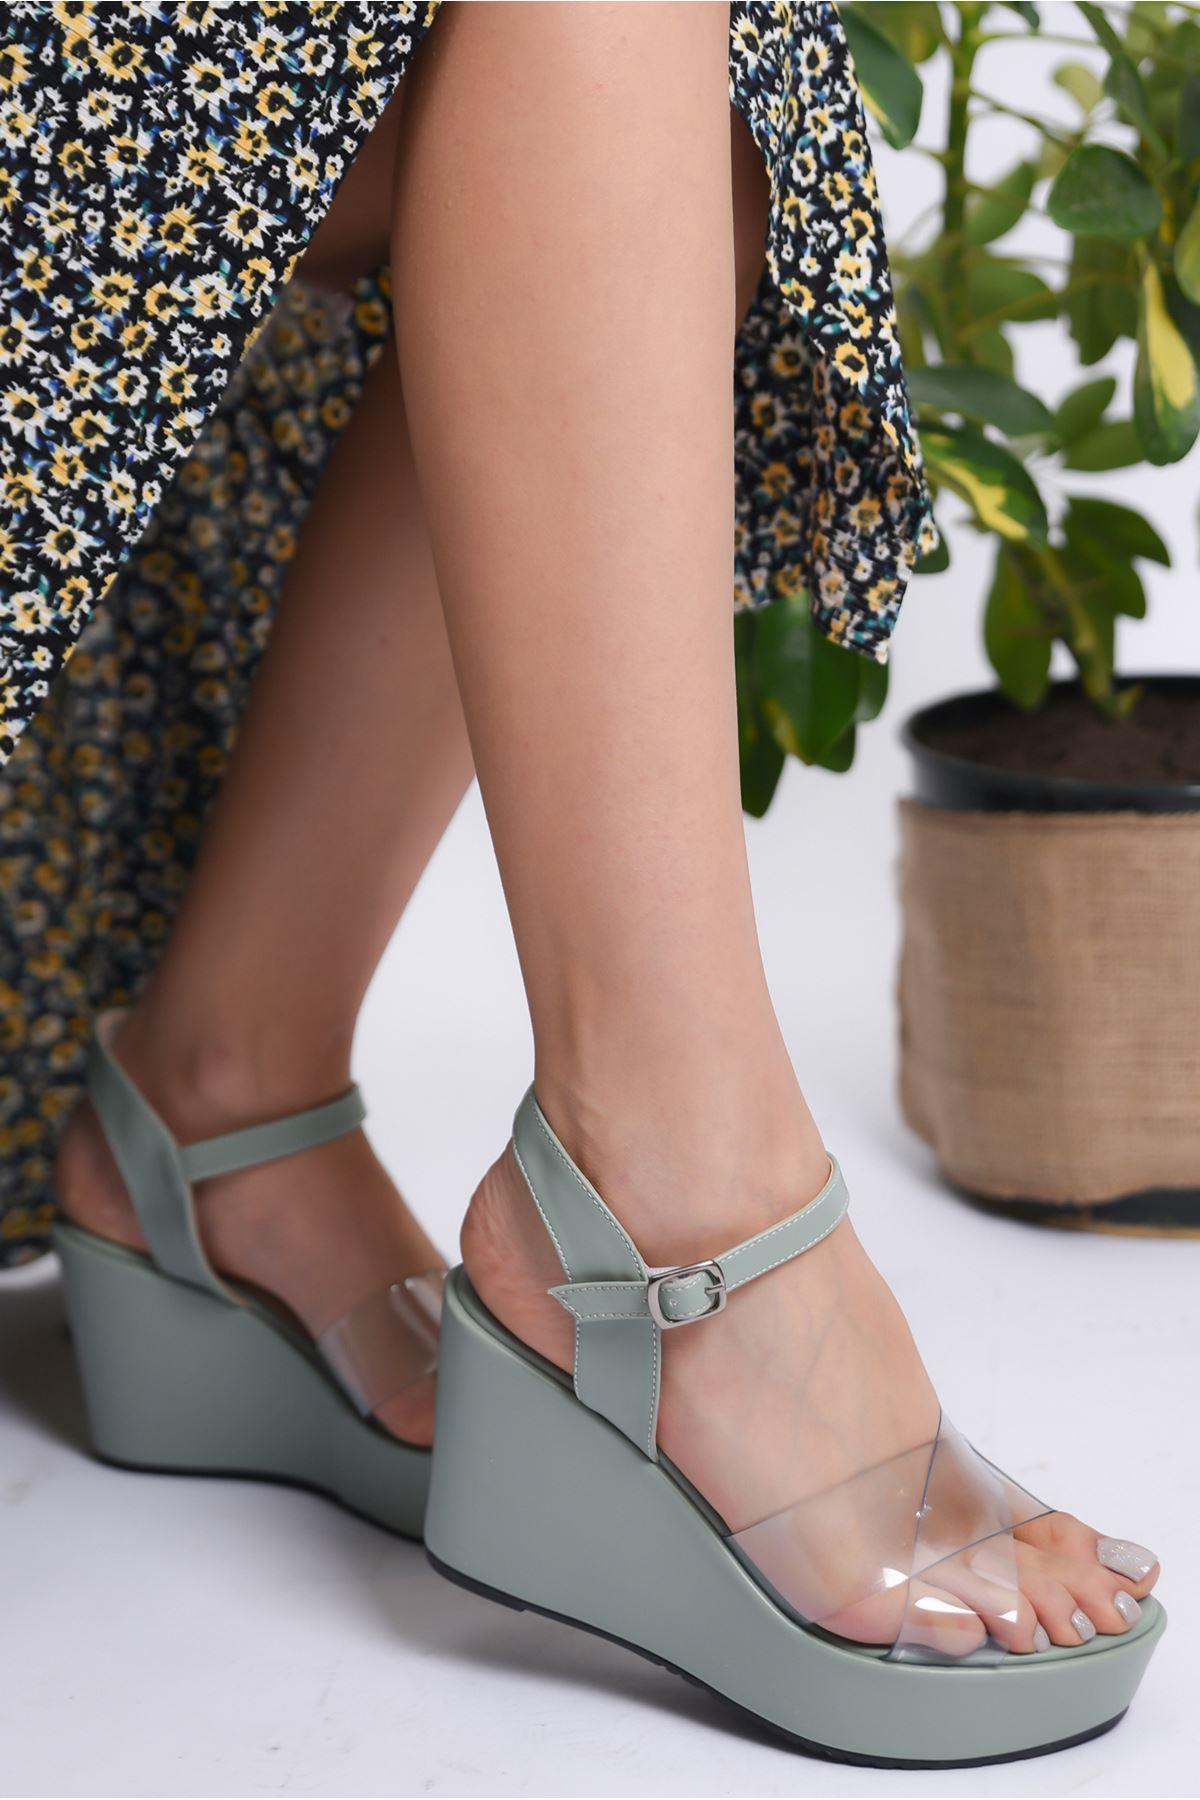 Kadın Flames Dolgu Topuklu Şeffaf Bantlı Yeşil Ayakkabı